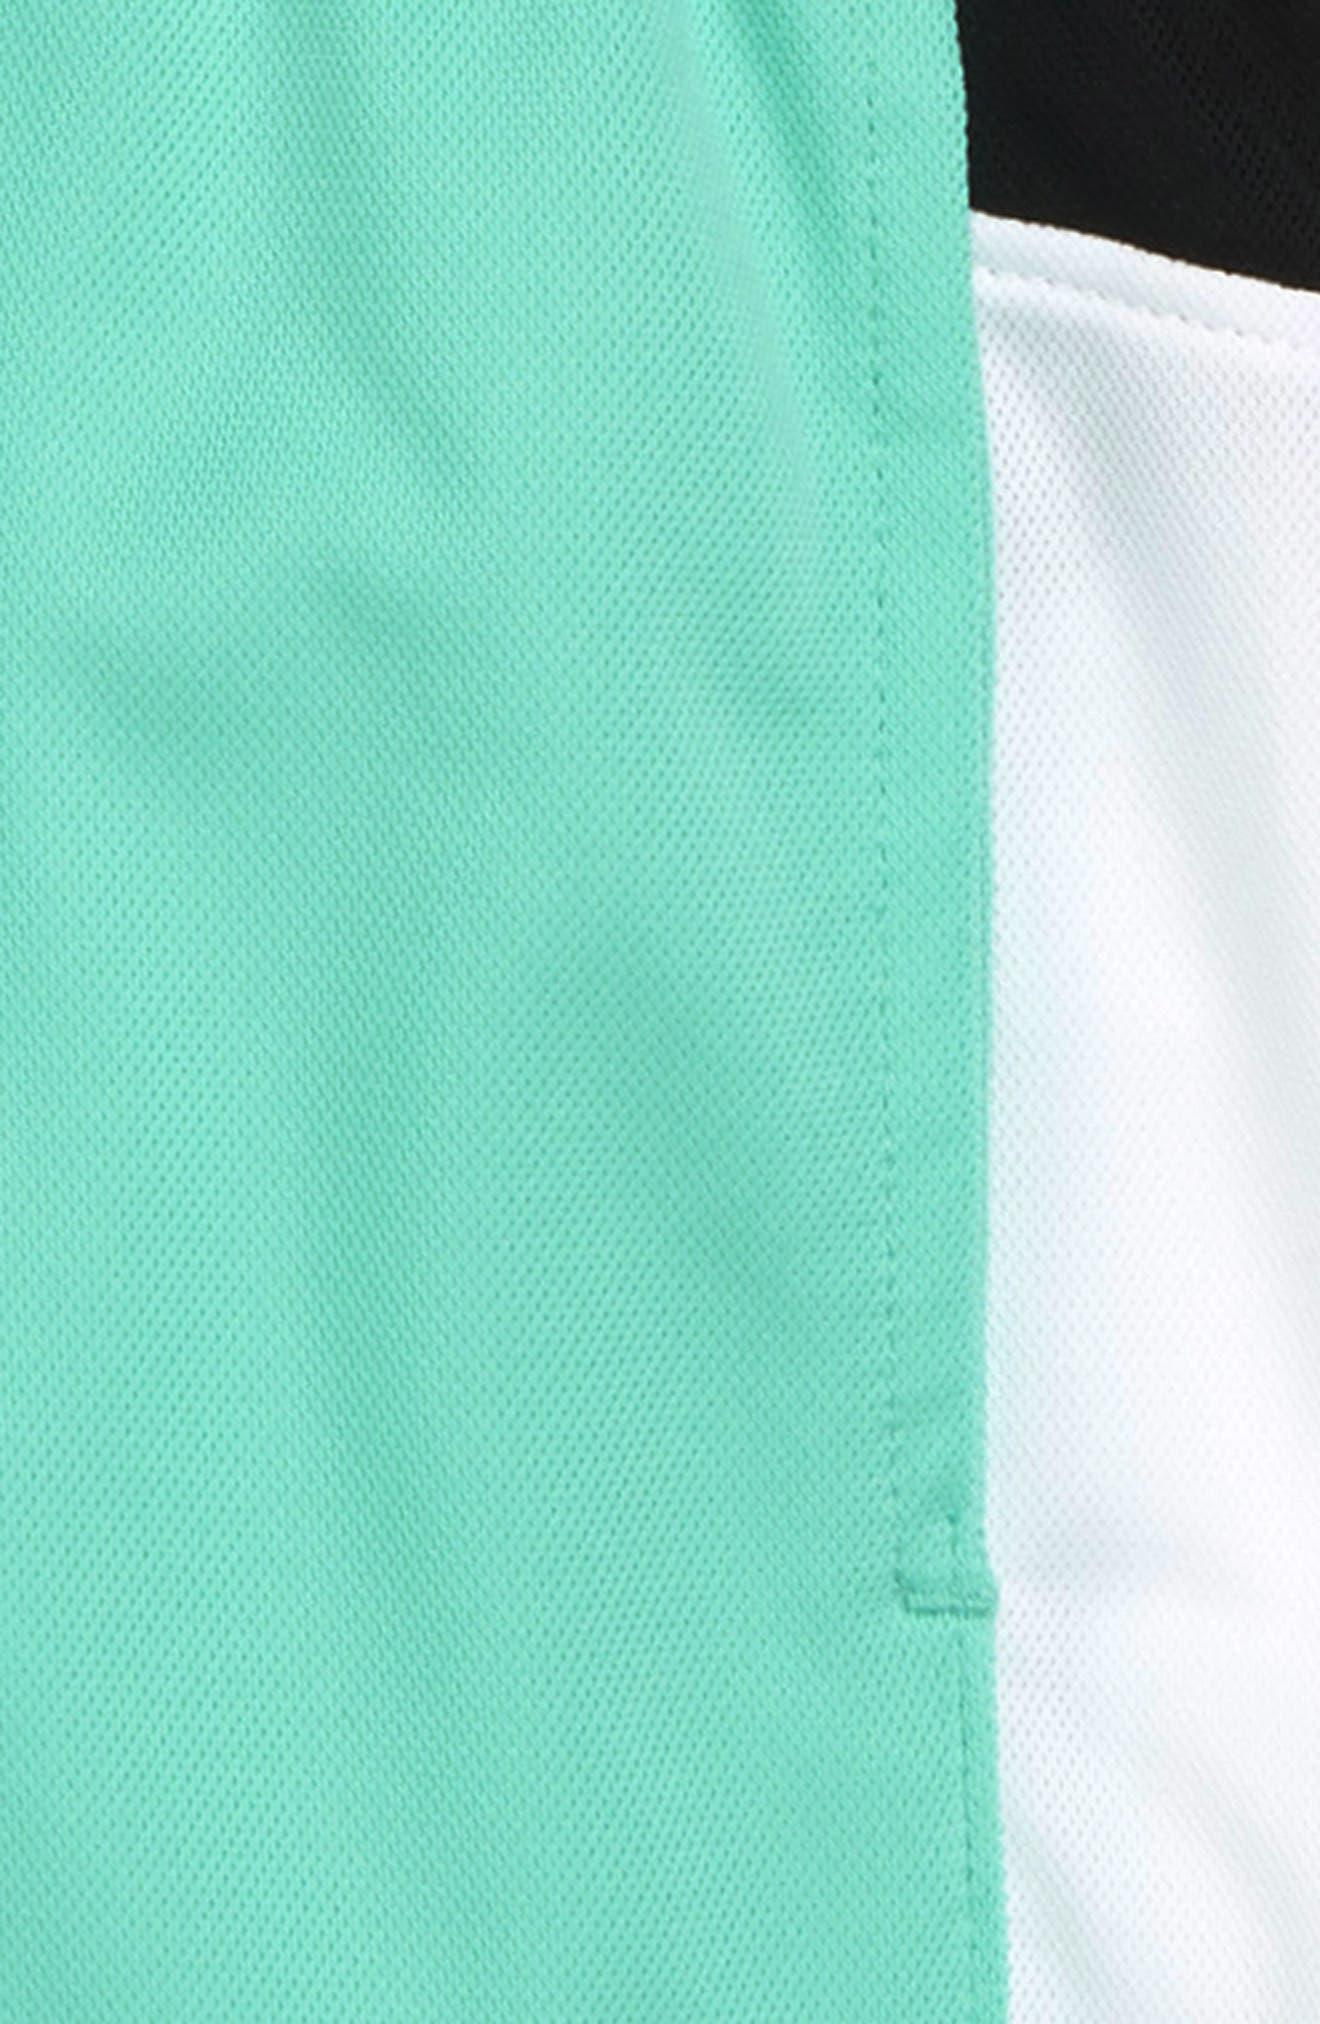 Jordan Rise Elevate Shorts,                             Alternate thumbnail 2, color,                             Emerald Rise